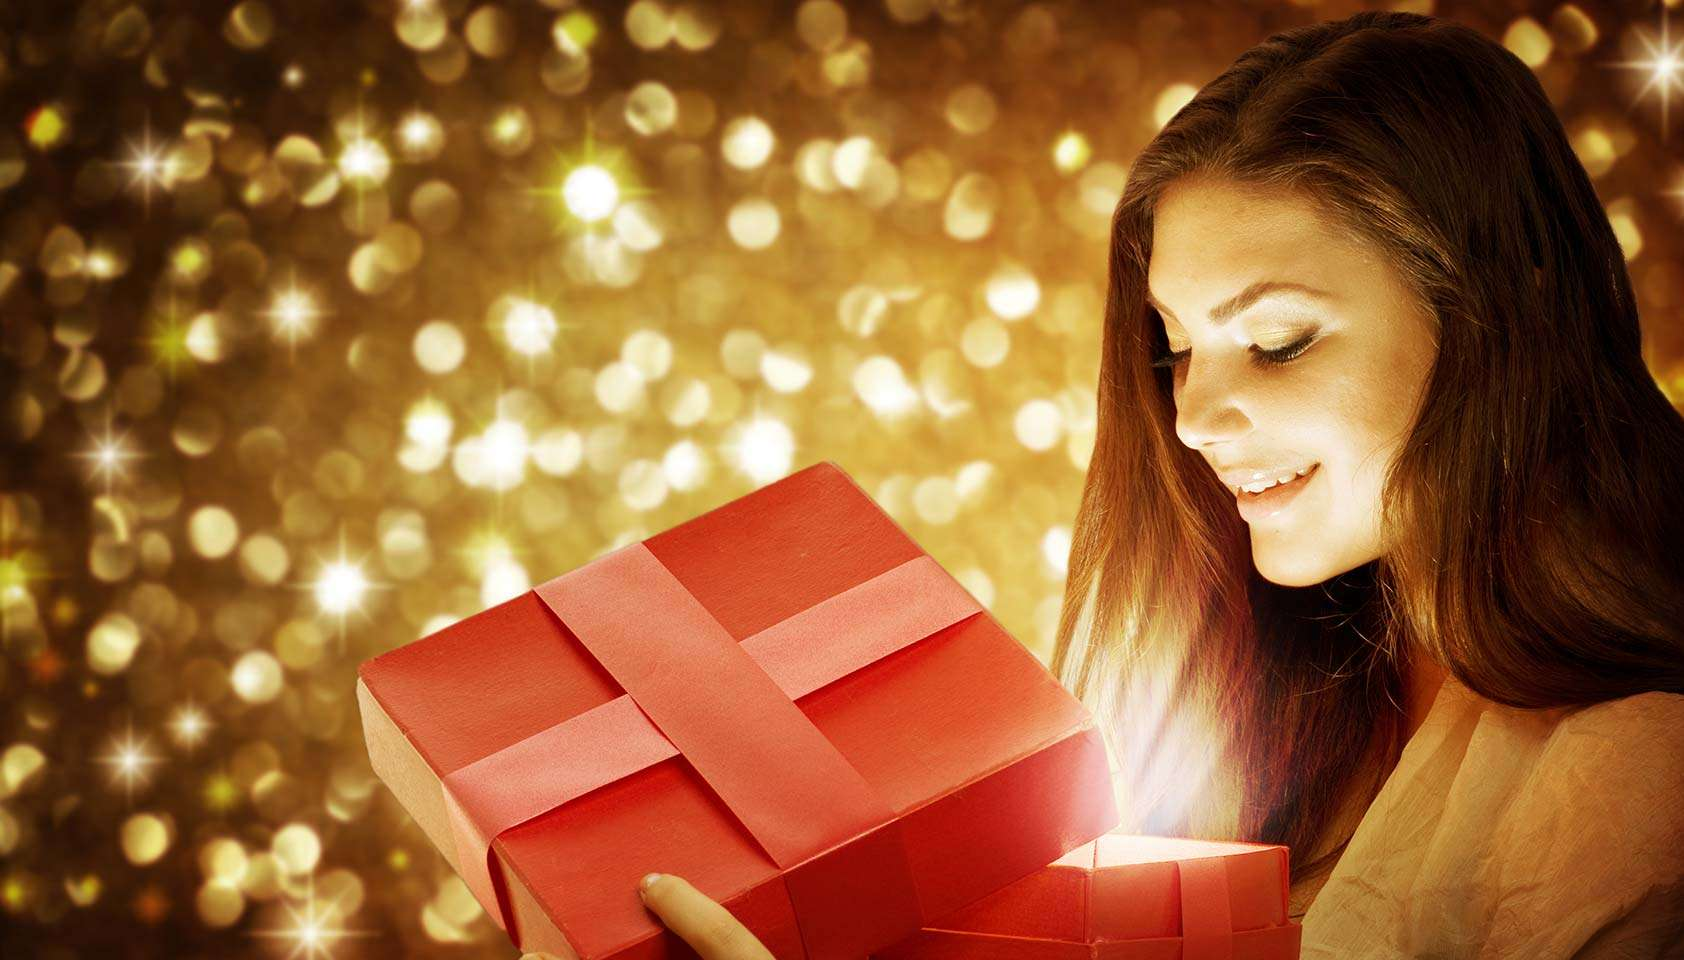 Как просить подарок у мужчины - Rakov 21